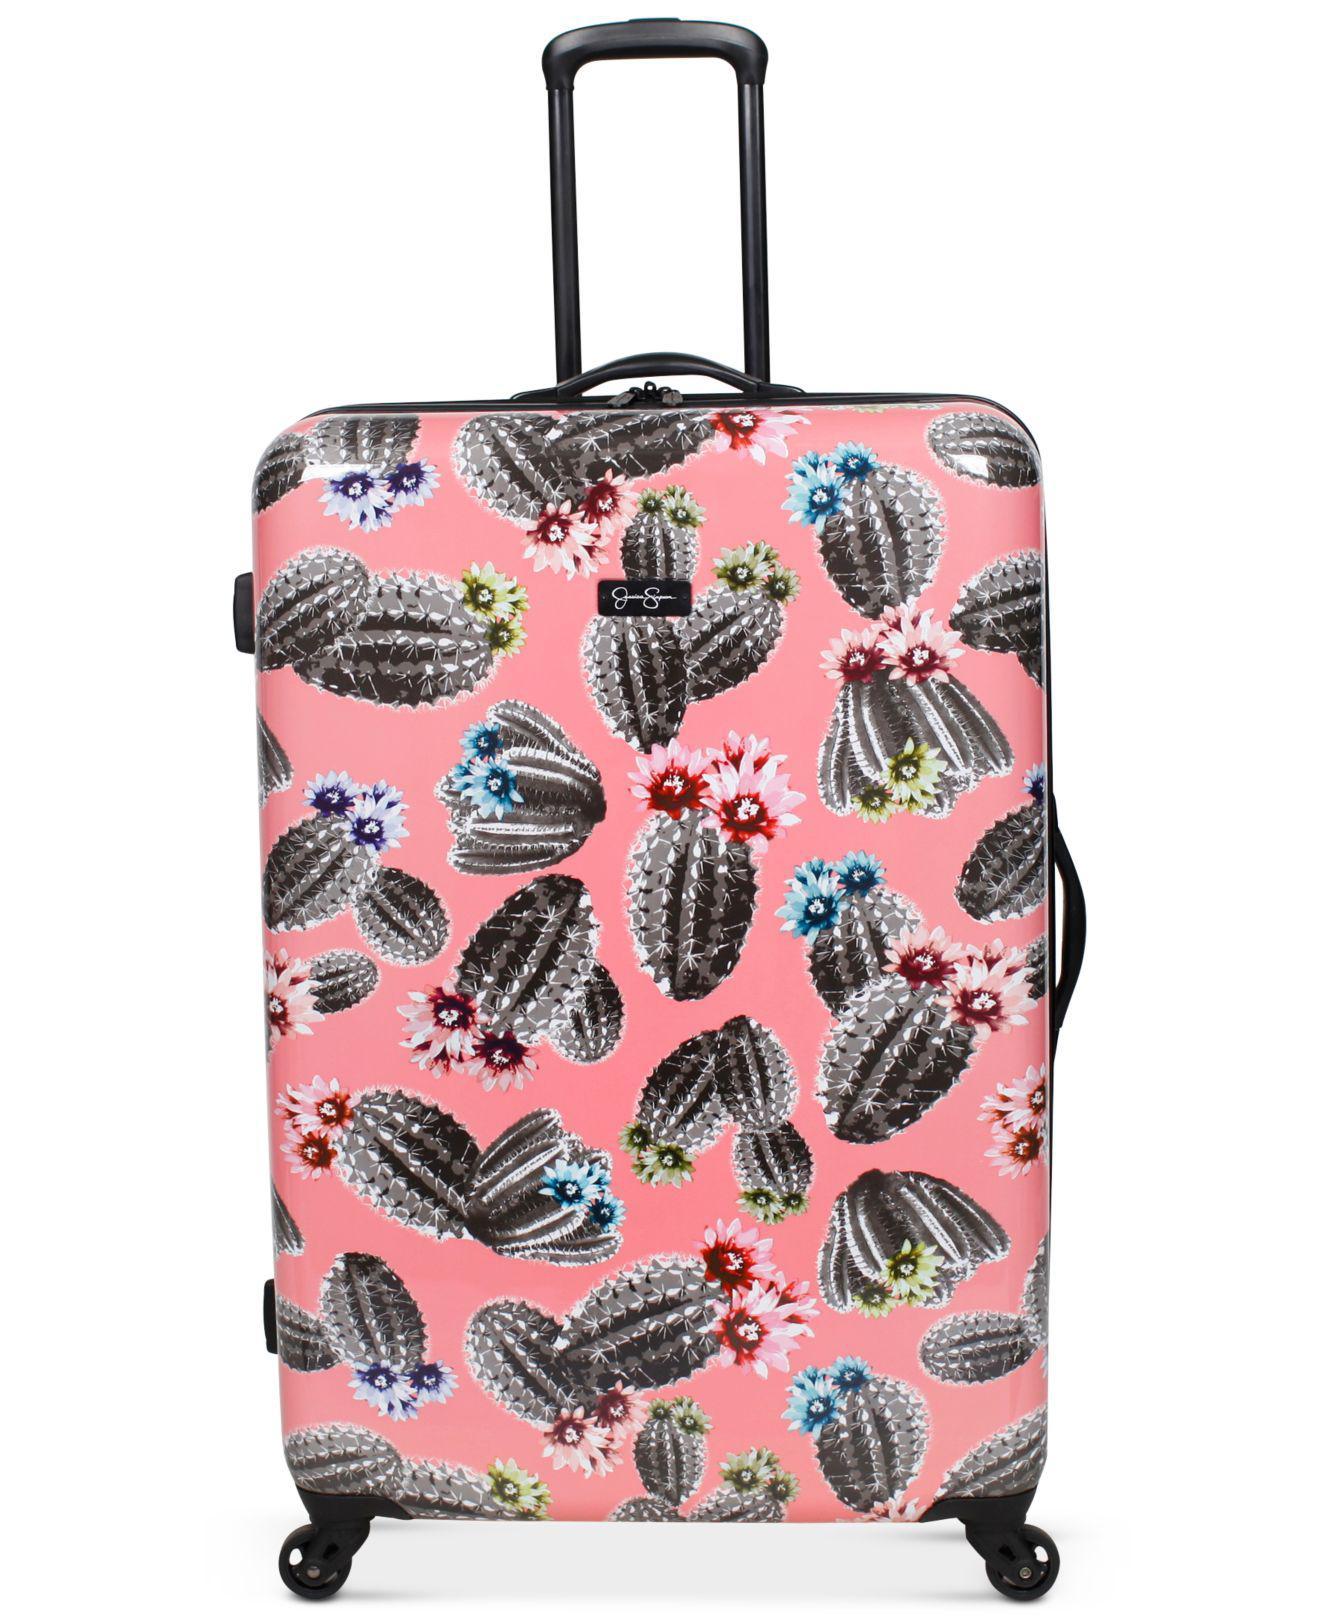 Leopard Hardside Luge Best 2017 Carpet Bag Sewing Pattern Vidalondon